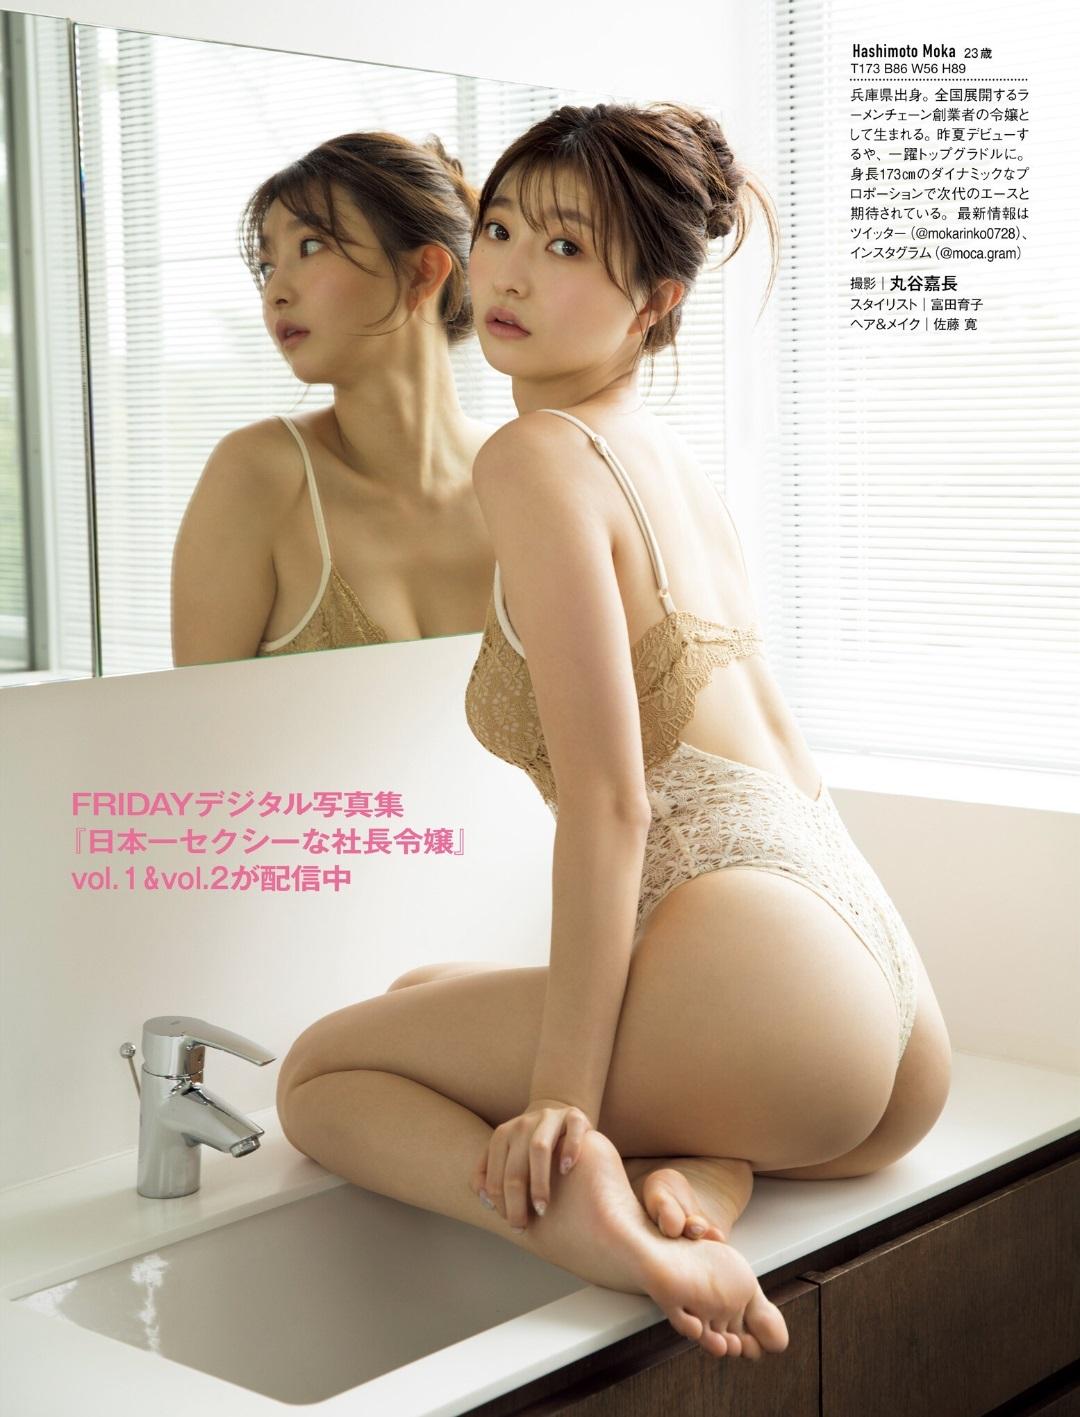 橋本萌花130